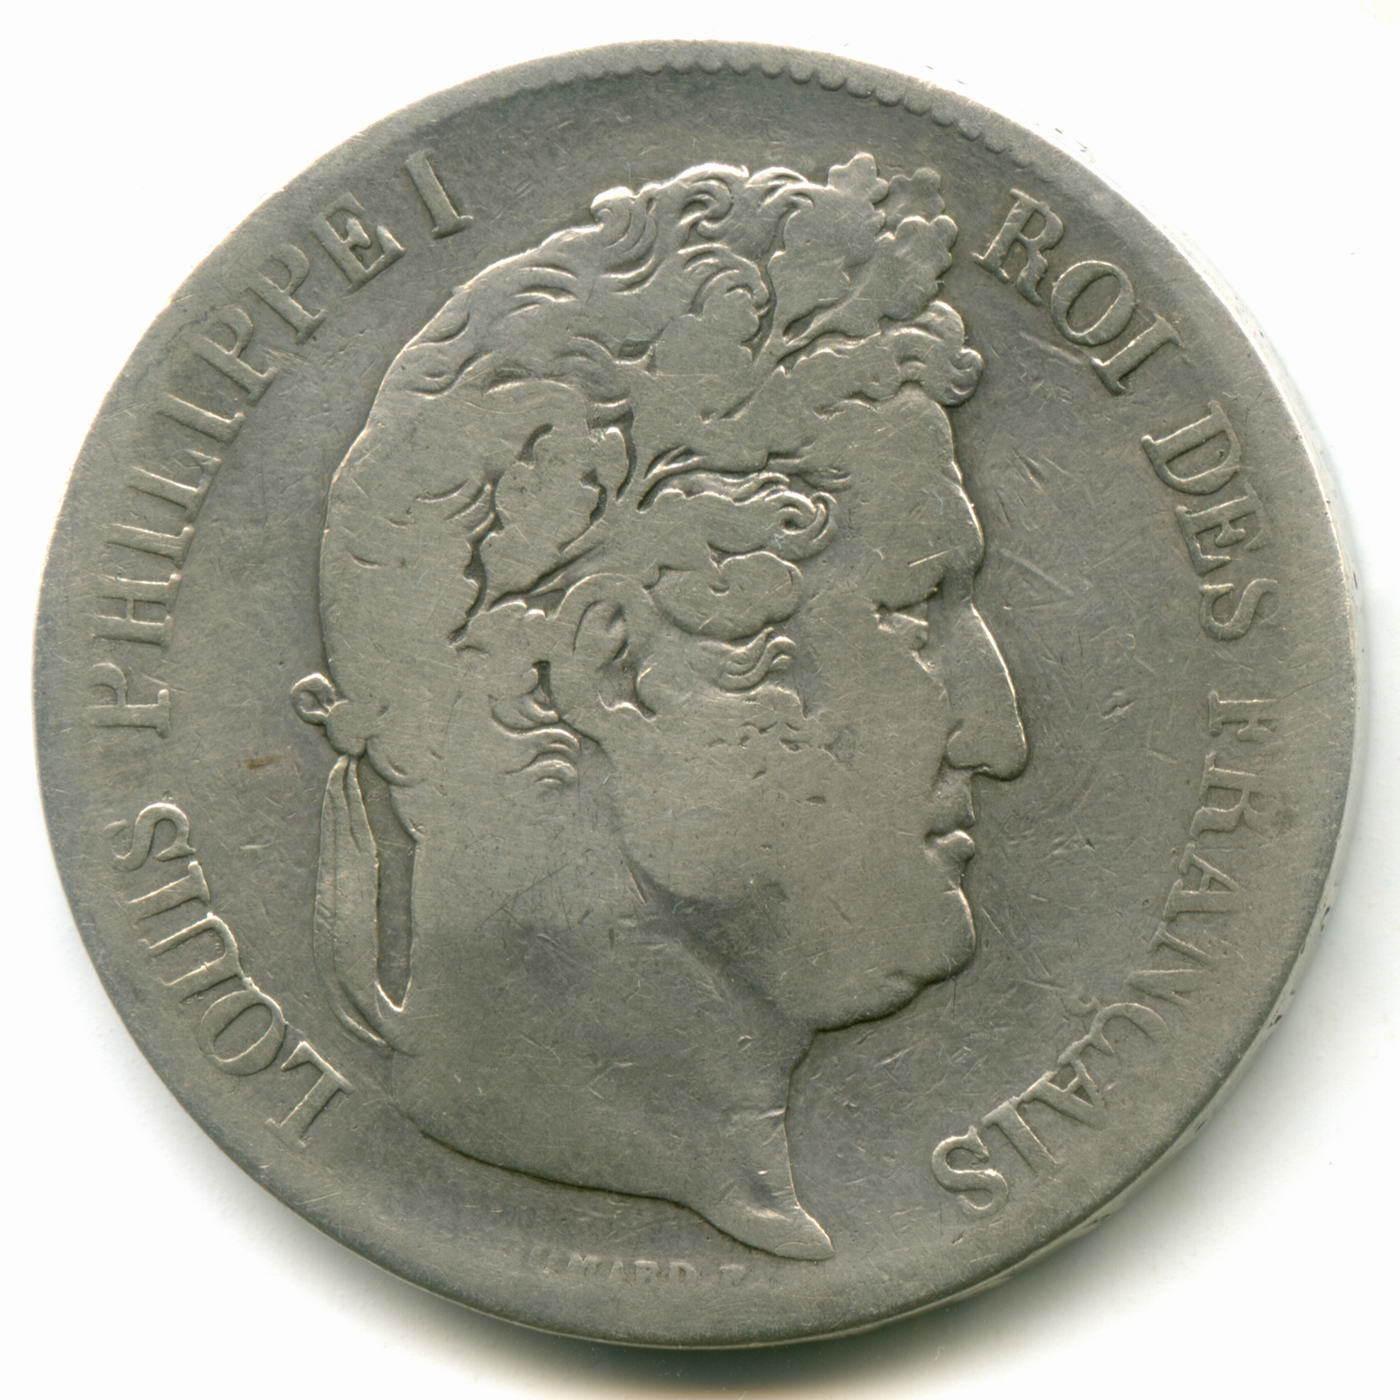 5 франков 1836. Франция (F)